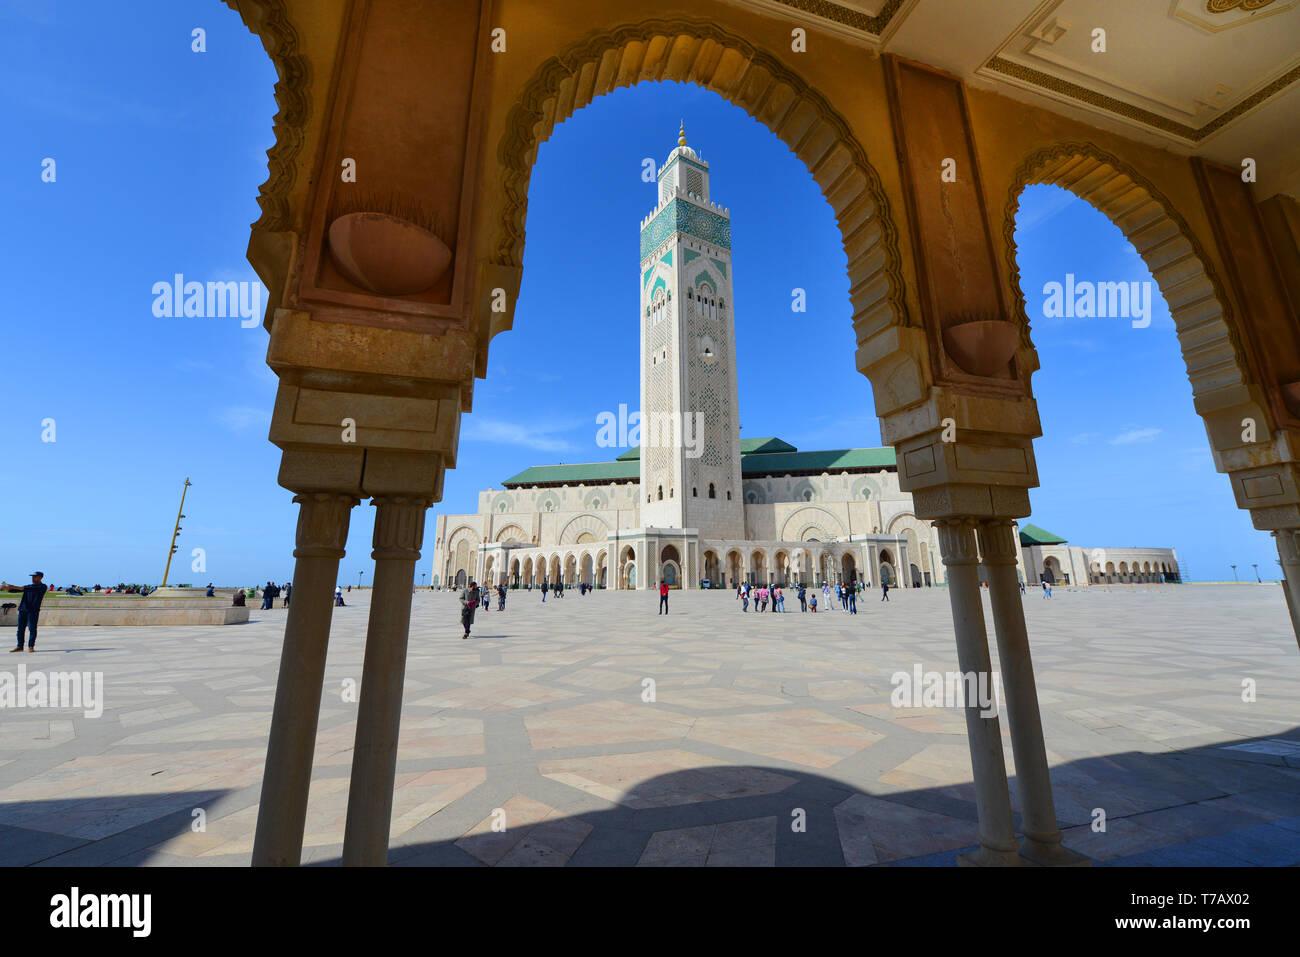 Mezquita de Hassan II en Casablanca, Marruecos. Foto de stock